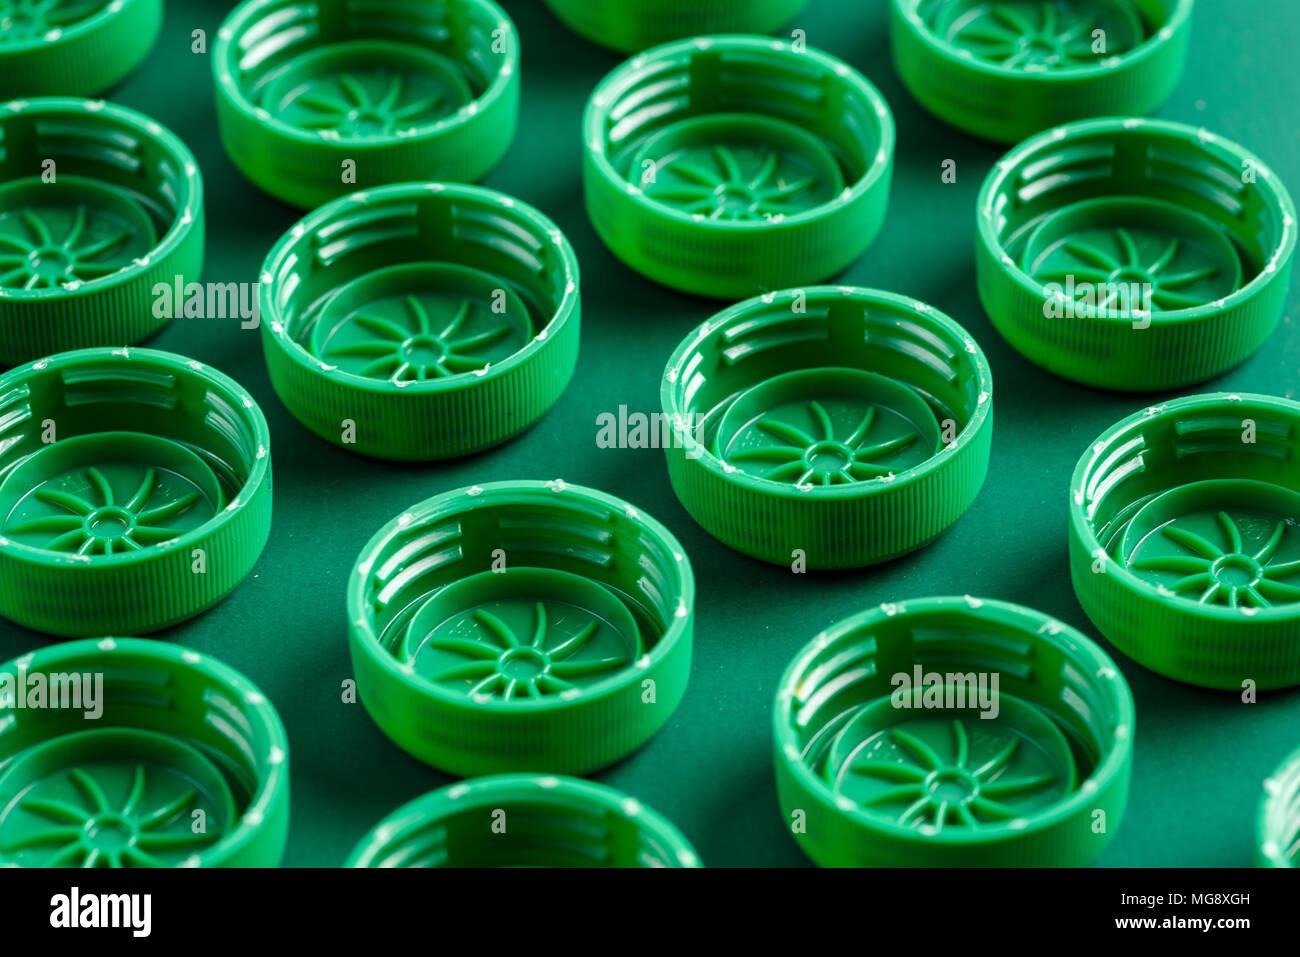 caps from plastic bottles folded - Stock Image